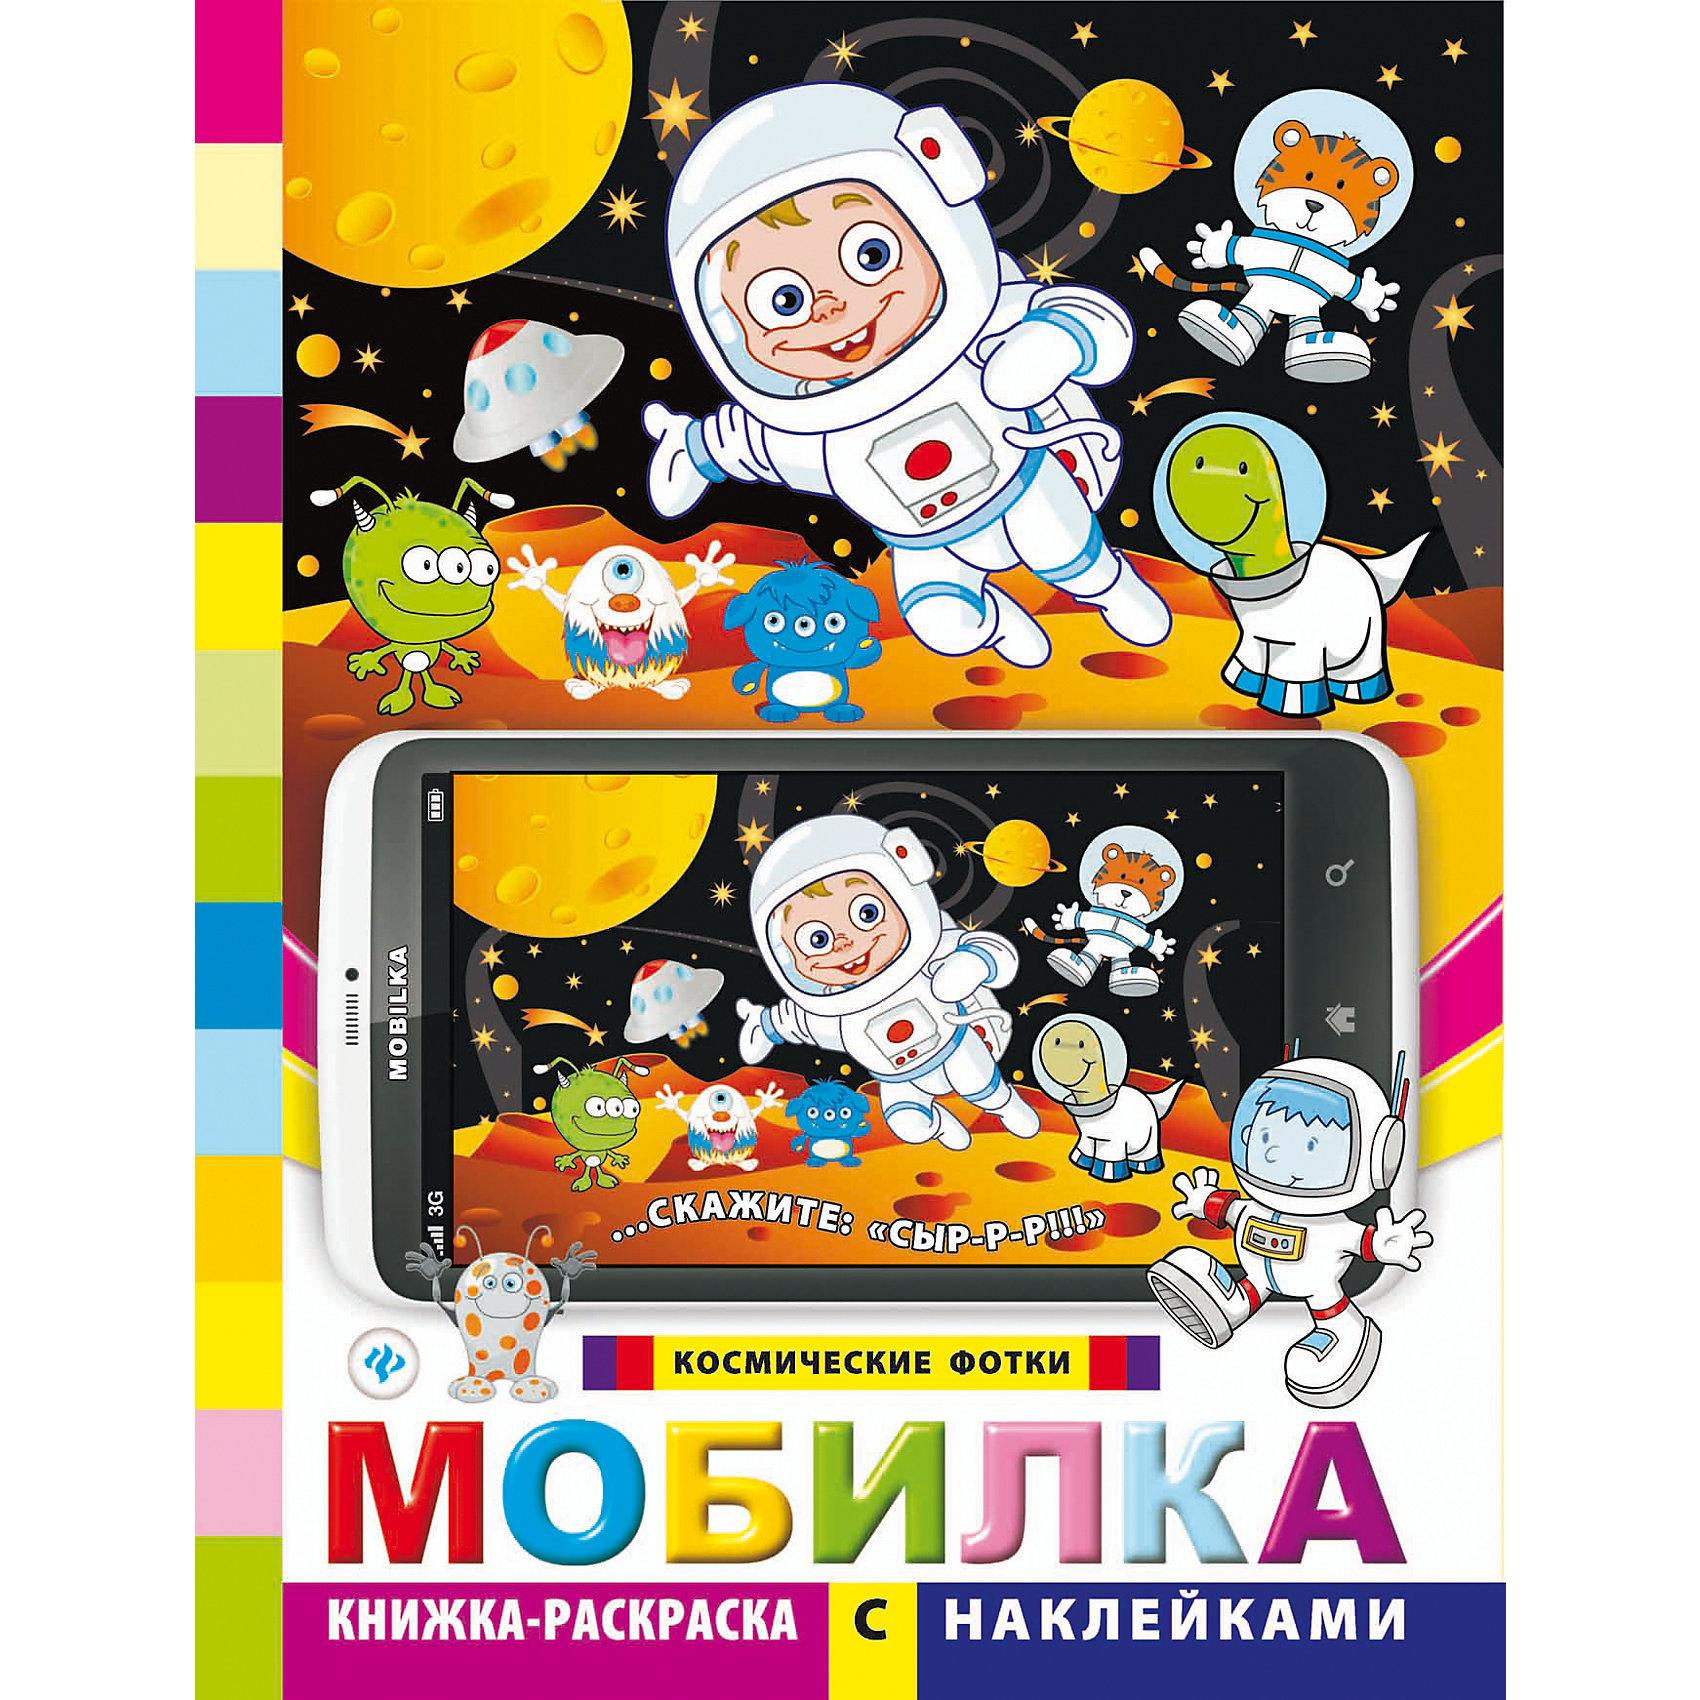 Раскраска Мобилка: космические фоткиРаскраски по номерам<br>Книжка-раскраска с наклейками Мобилка. Космические фотки, 2-е издание<br><br>Характеристики: <br><br>• Кол-во страниц: 16<br>• ISBN: 9785222223918<br>• Возраст: 0+<br>• Обложка: мягкая<br>• Формат: а4<br><br>Эта удивительная раскраска посвящена теме космоса, летательным аппаратам и инопланетянам. Задача ребенка - не только создать яркую иллюстрацию, но и найти в книге подходящую наклейку, чтобы разместить ее на страничке. Благодаря тому, что в процессе наклеивания, нужно попасть в строго отведенные поля, развивается мелкая моторика и внимательность.<br><br>Книжка-раскраска с наклейками Мобилка. Космические фотки, 2-е издание можно купить в нашем интернет-магазине.<br><br>Ширина мм: 286<br>Глубина мм: 214<br>Высота мм: 20<br>Вес г: 121<br>Возраст от месяцев: -2147483648<br>Возраст до месяцев: 2147483647<br>Пол: Унисекс<br>Возраст: Детский<br>SKU: 5464516